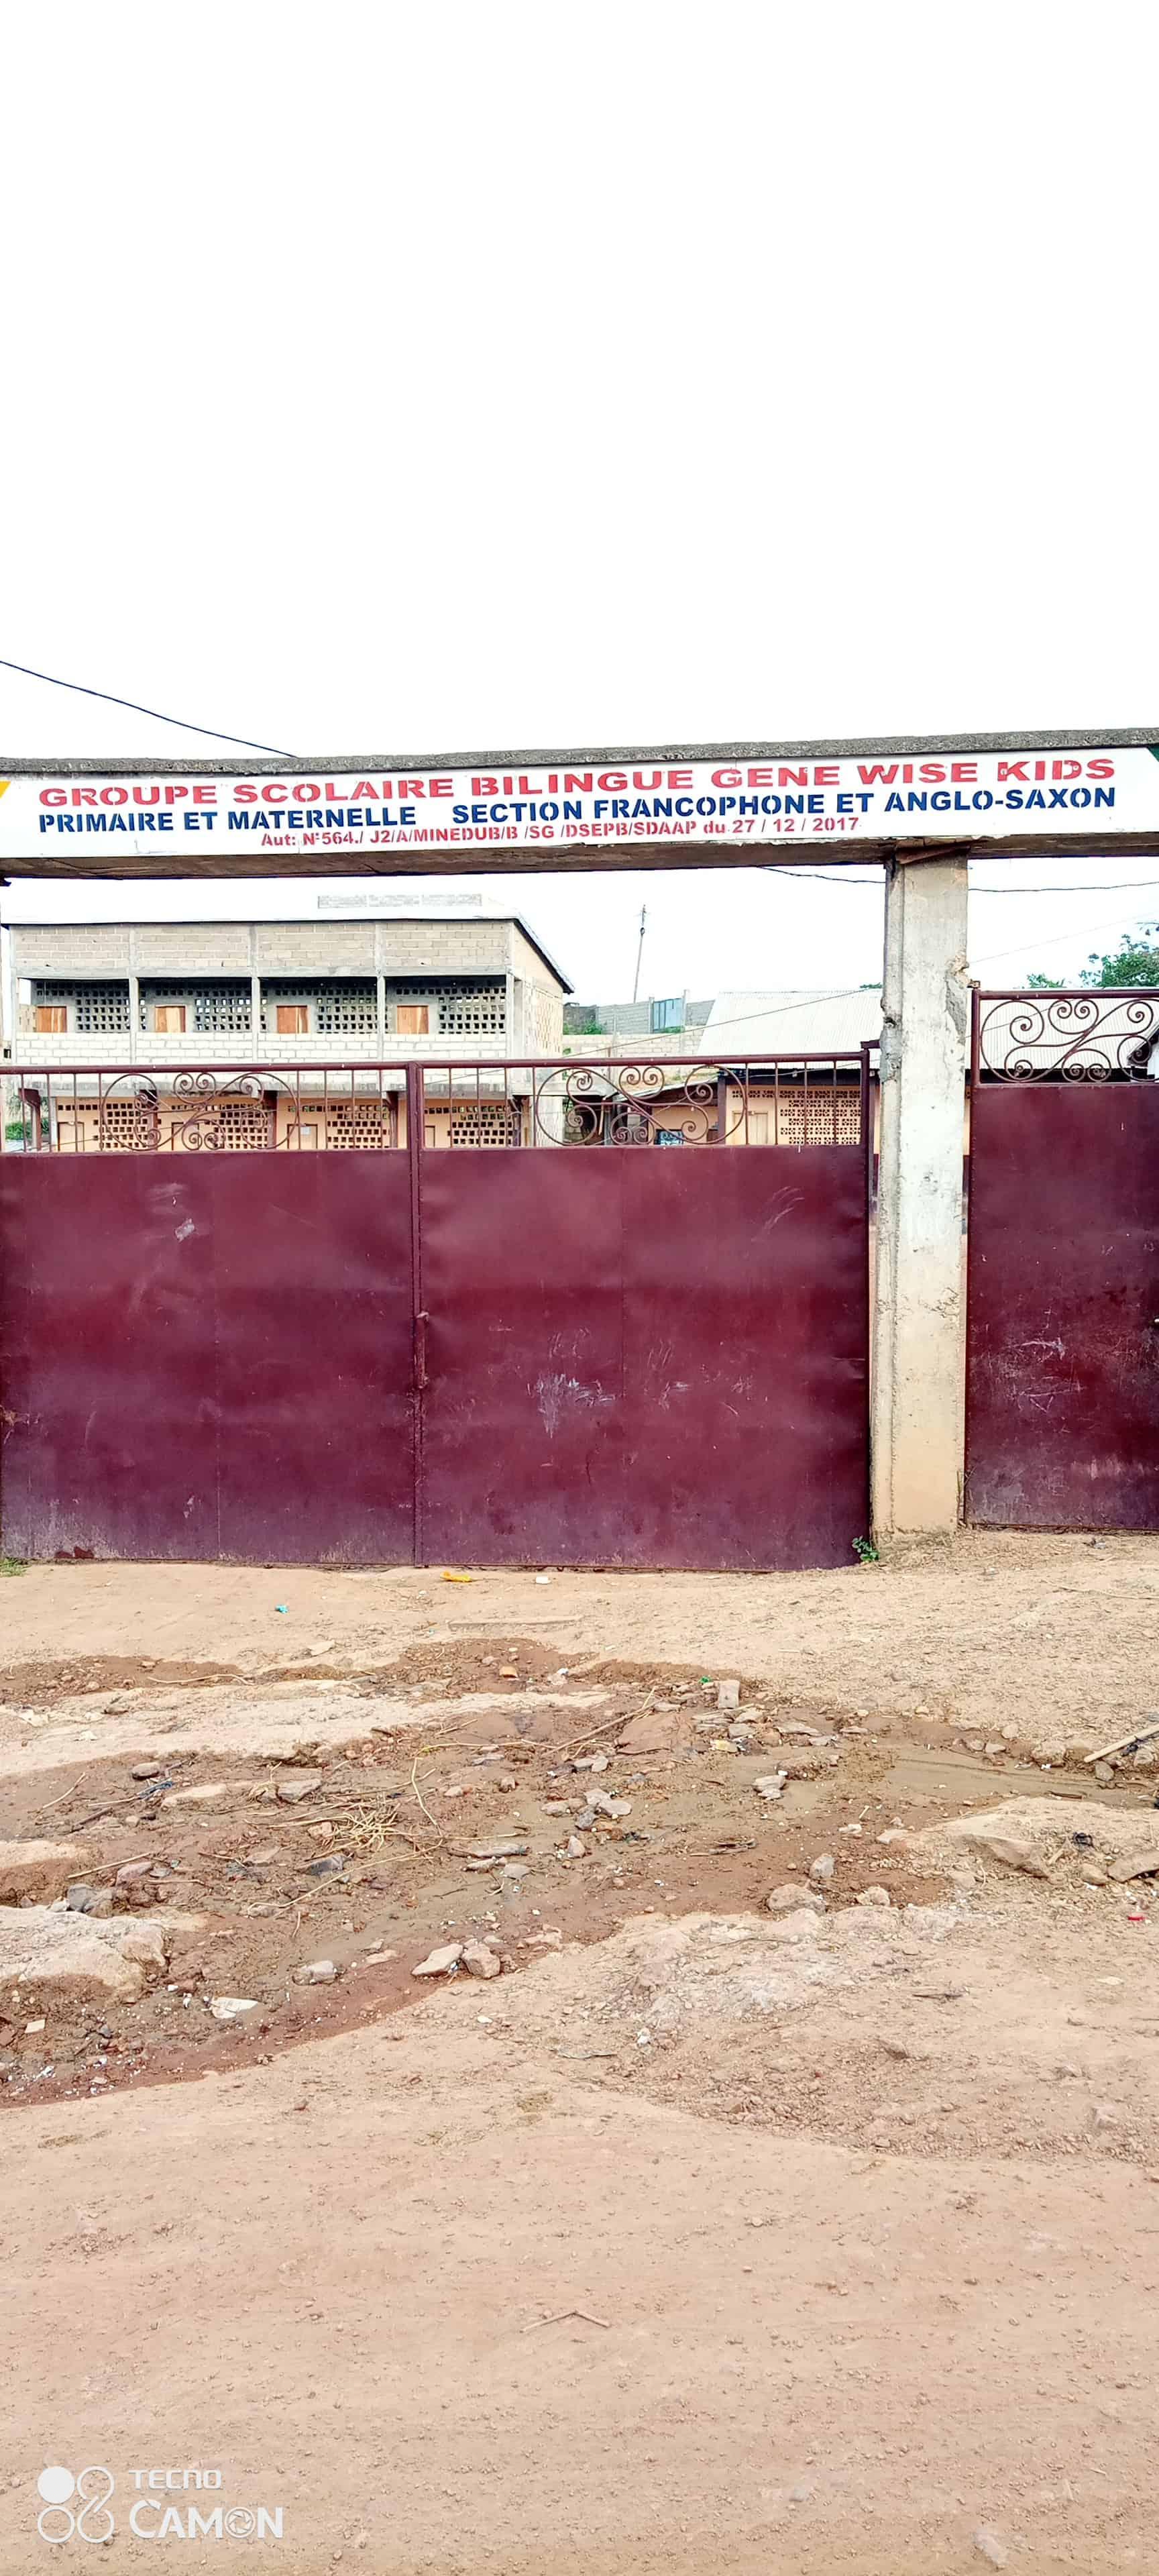 Land for sale at Douala, PK 17, DERRIÈRE L'UNIVERSITÉ DE LOGBESSOU CAMPUS PK17 - 200 m2 - 4 400 000 FCFA